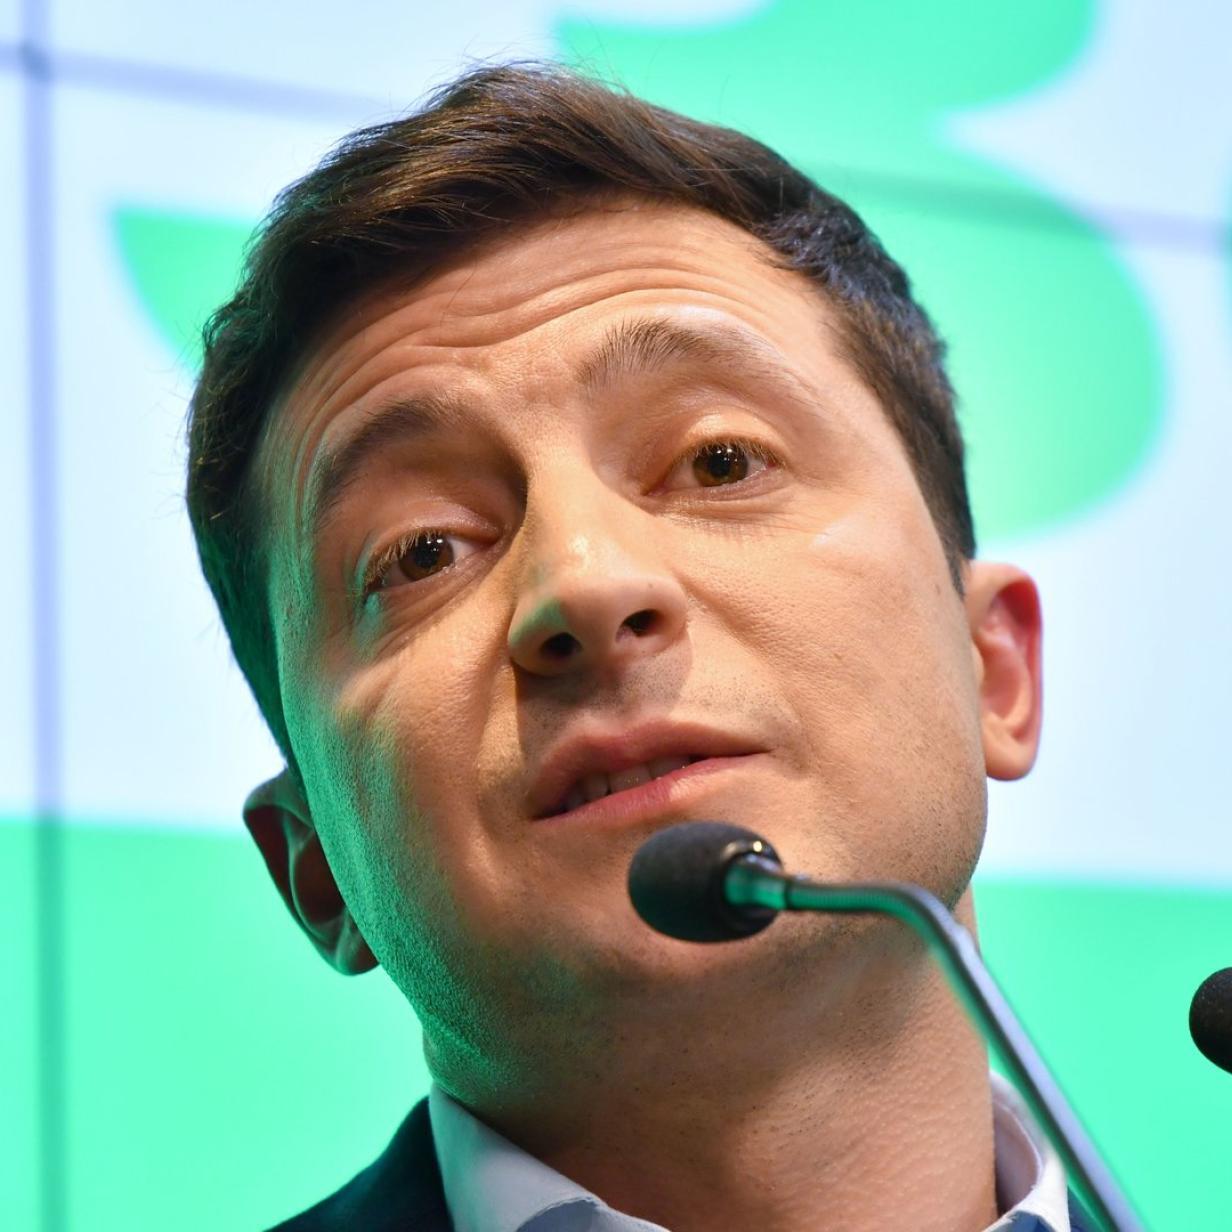 Kiews Konter: Neuer Präsident will Russen einbürgern